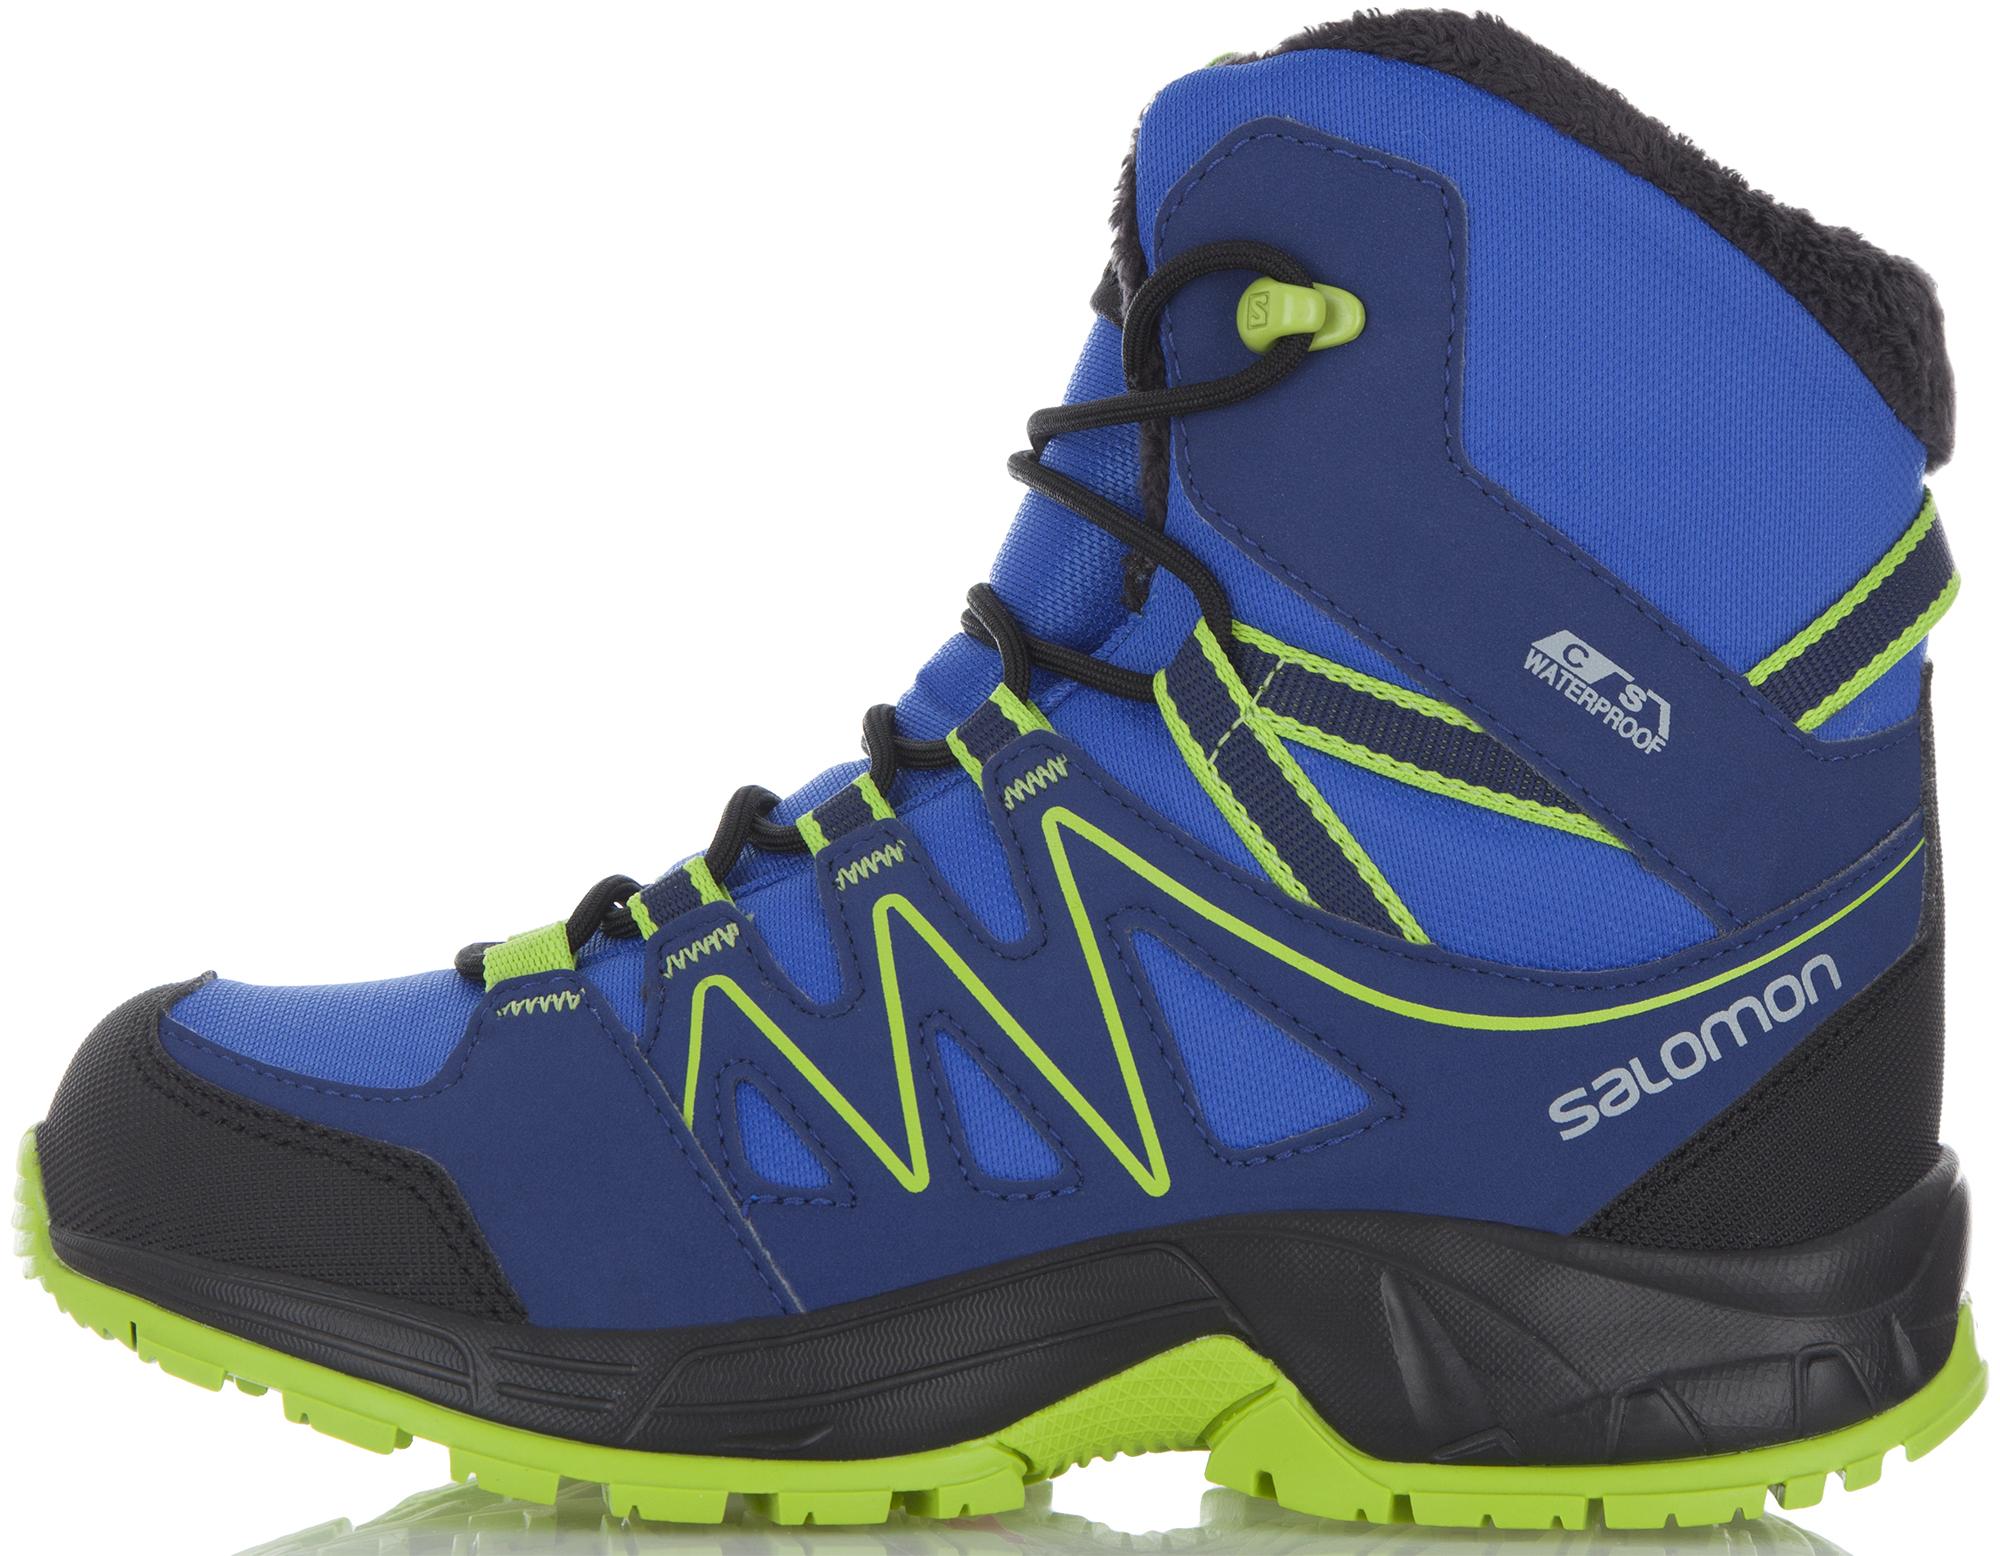 Salomon Ботинки утепленные для мальчиков Salomon Oki Winter зимние ботинки salomon купить